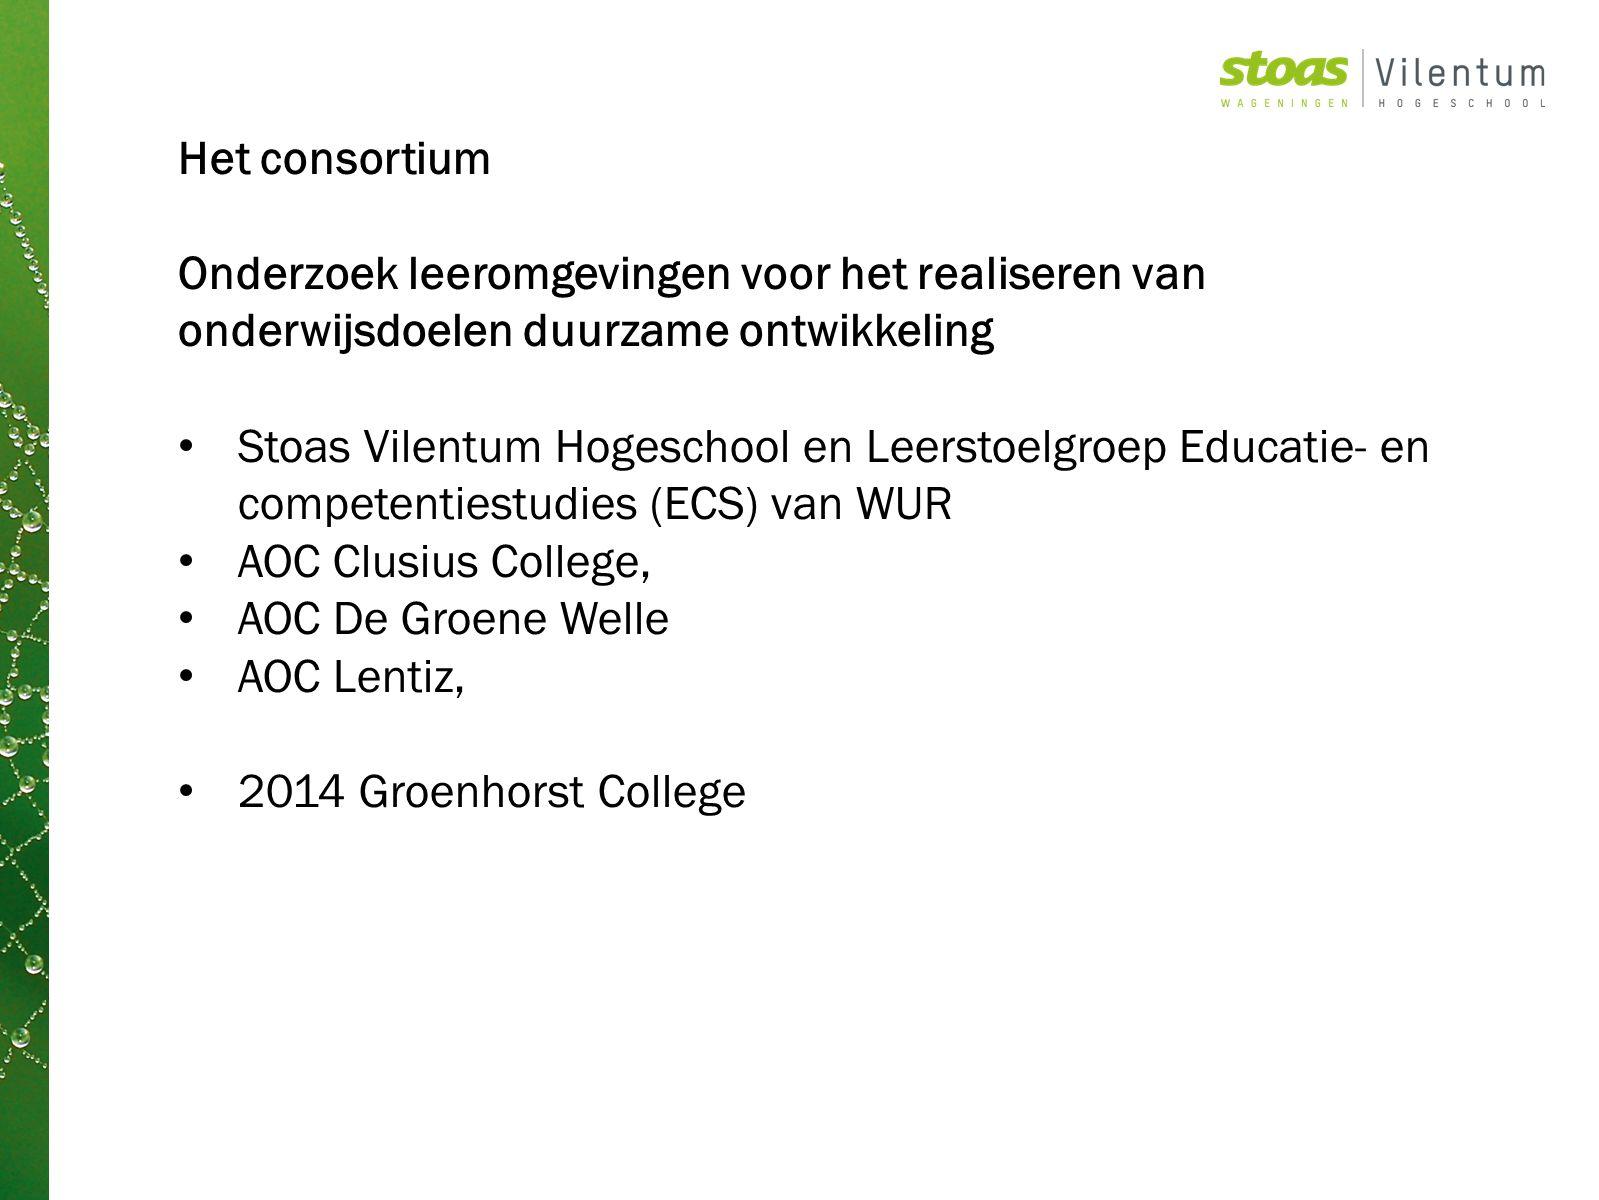 Het consortium Onderzoek leeromgevingen voor het realiseren van onderwijsdoelen duurzame ontwikkeling Stoas Vilentum Hogeschool en Leerstoelgroep Educatie- en competentiestudies (ECS) van WUR AOC Clusius College, AOC De Groene Welle AOC Lentiz, 2014 Groenhorst College